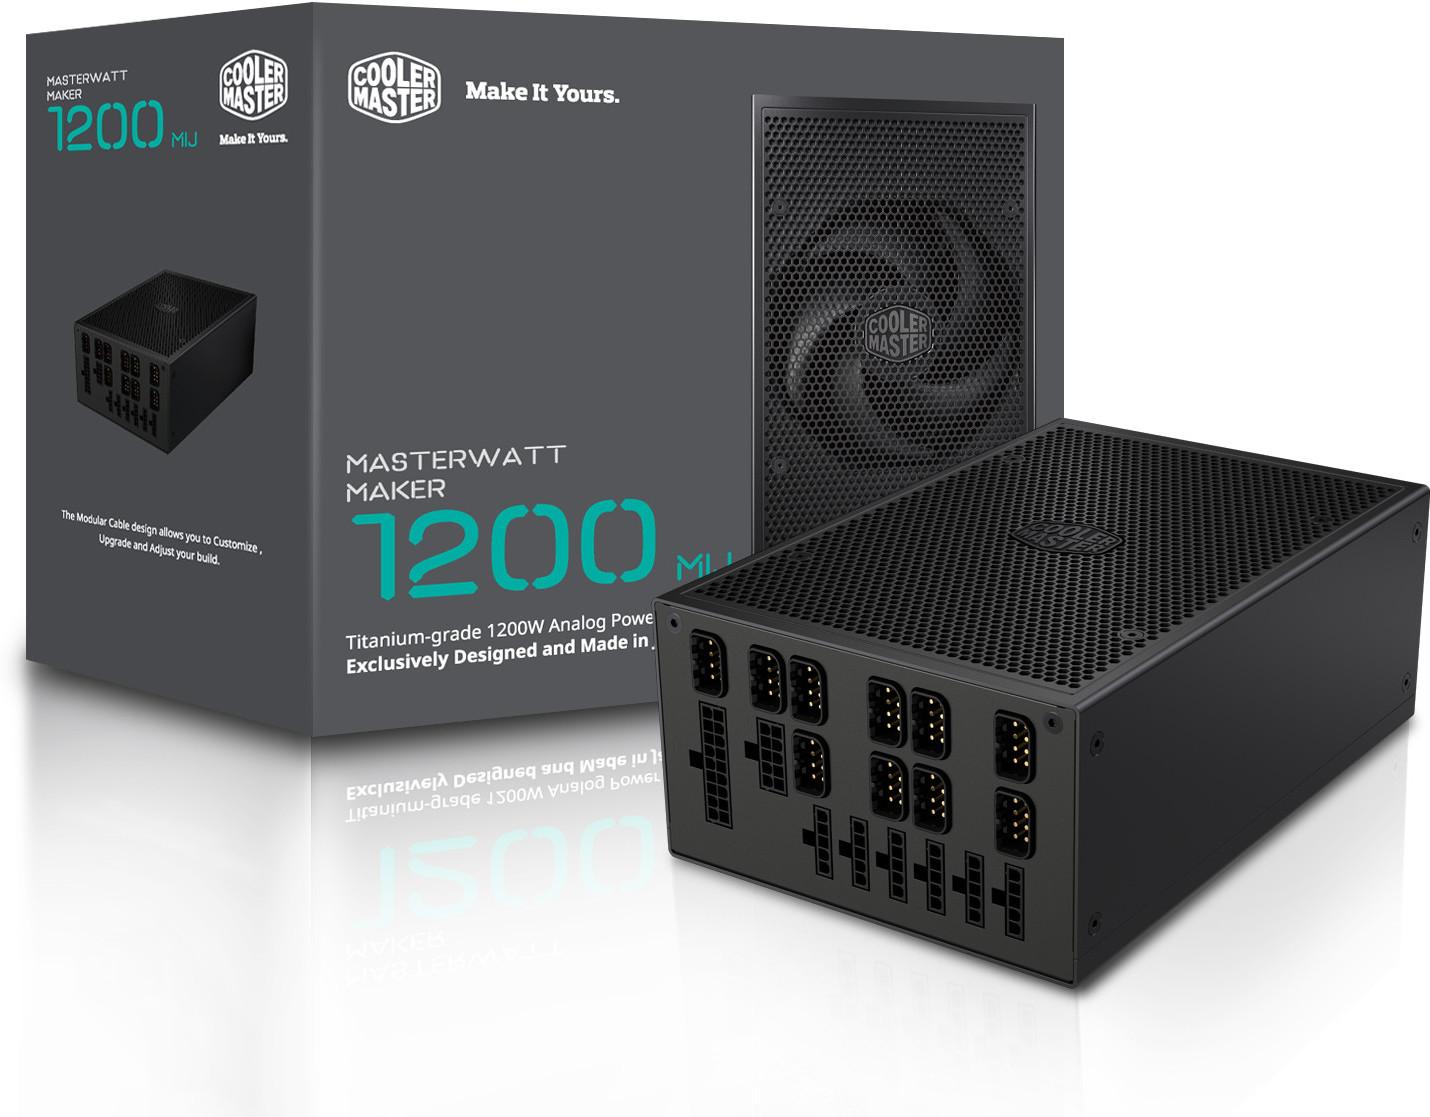 Cooler Master Launches MasterWatt Maker 1200 MIJ PSU - TheOverclocker